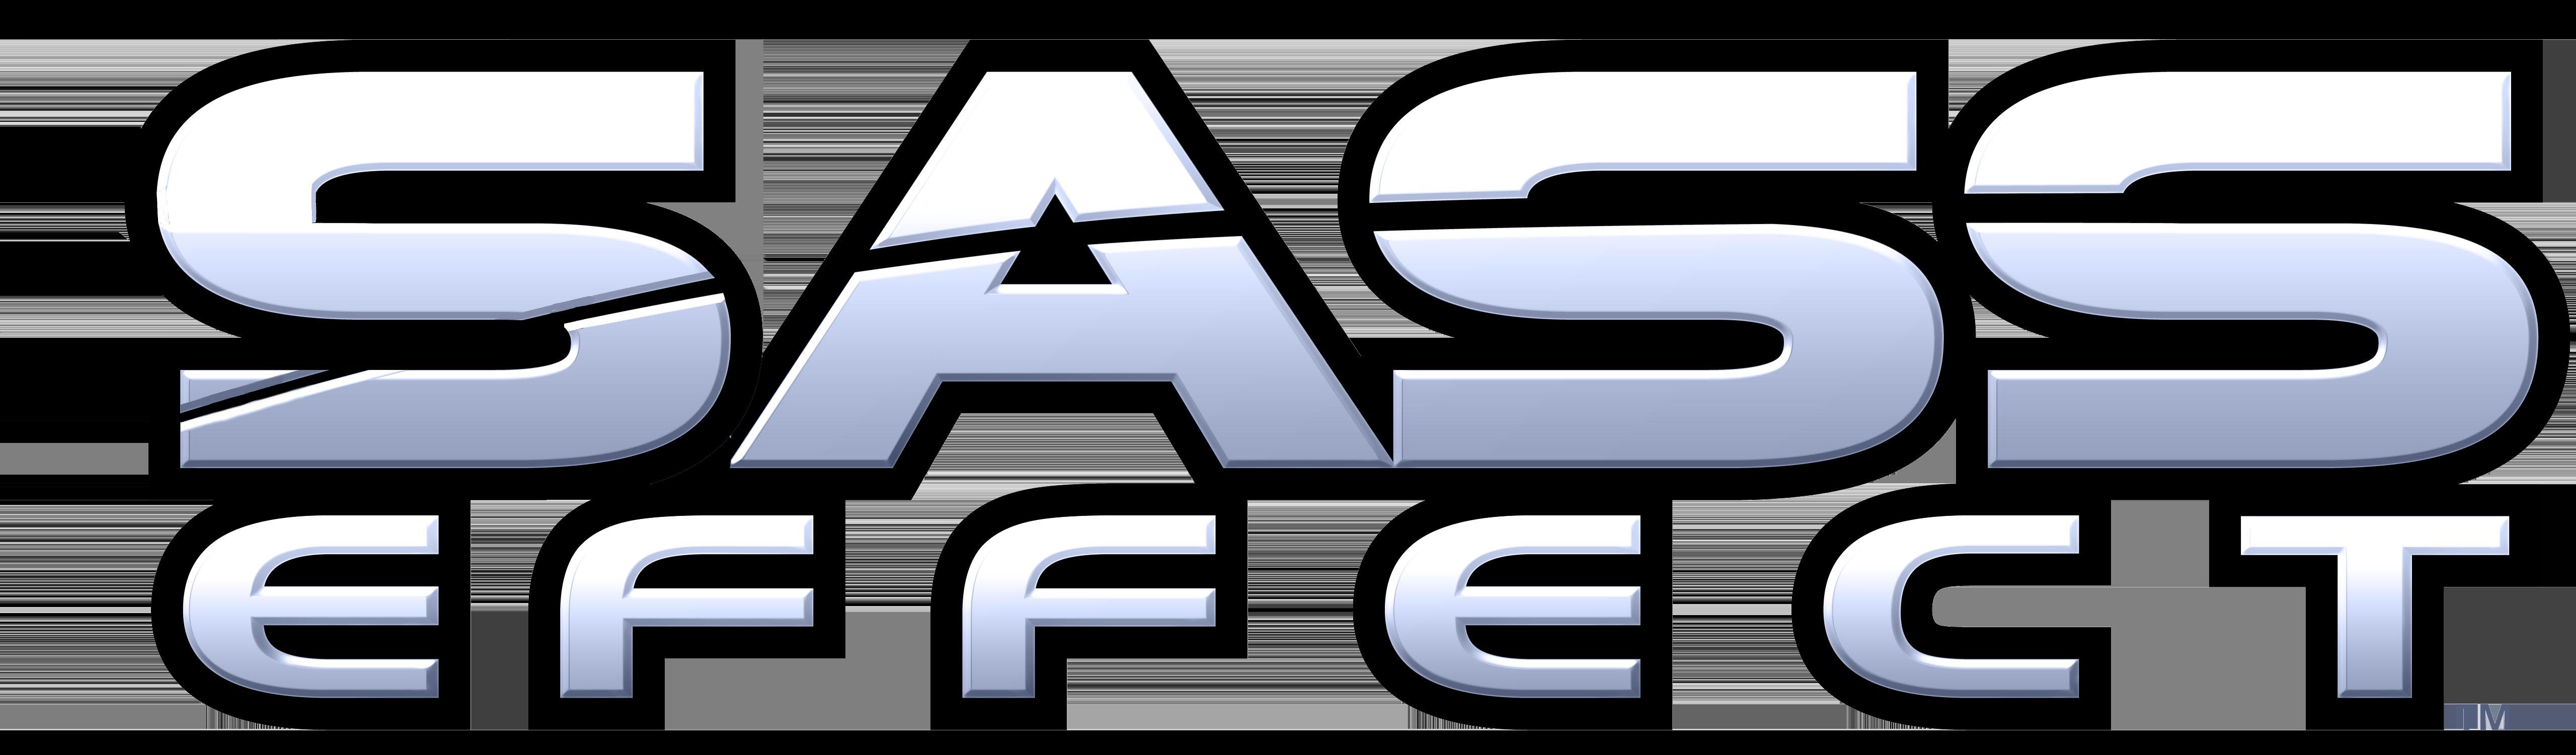 sass effect logo